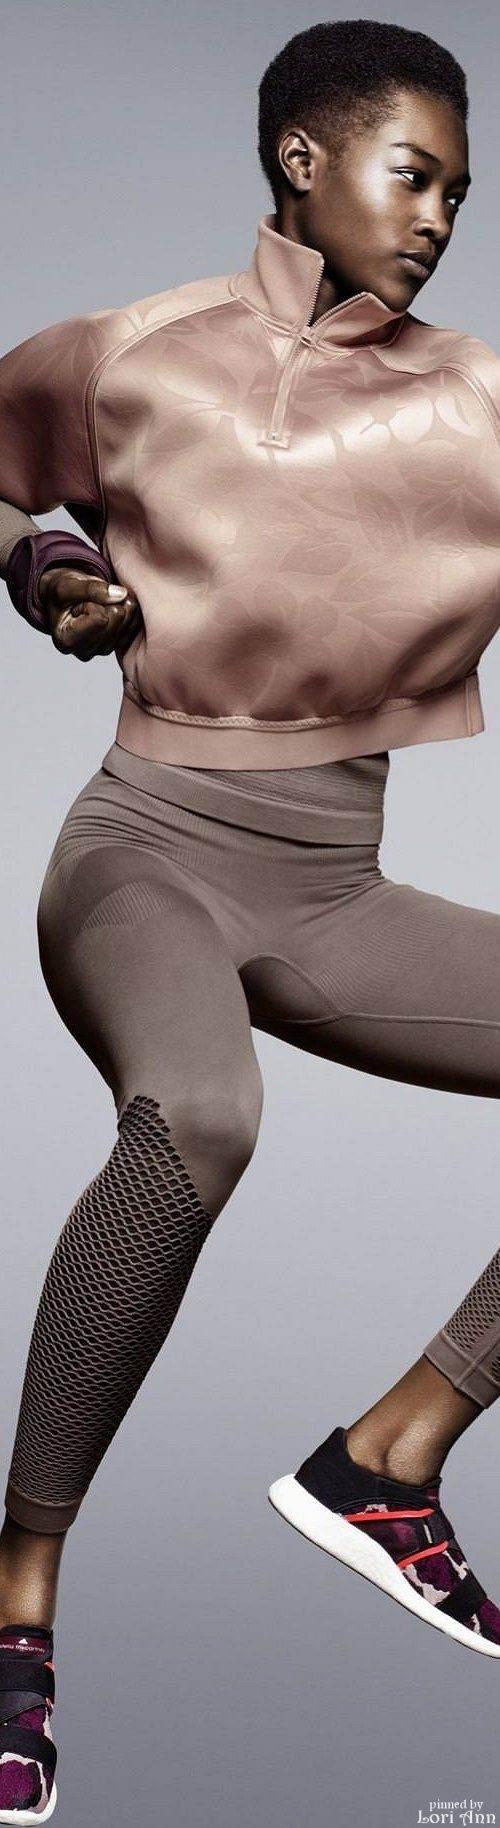 مدل های جدید شلوار اسپرت زنانه adidas